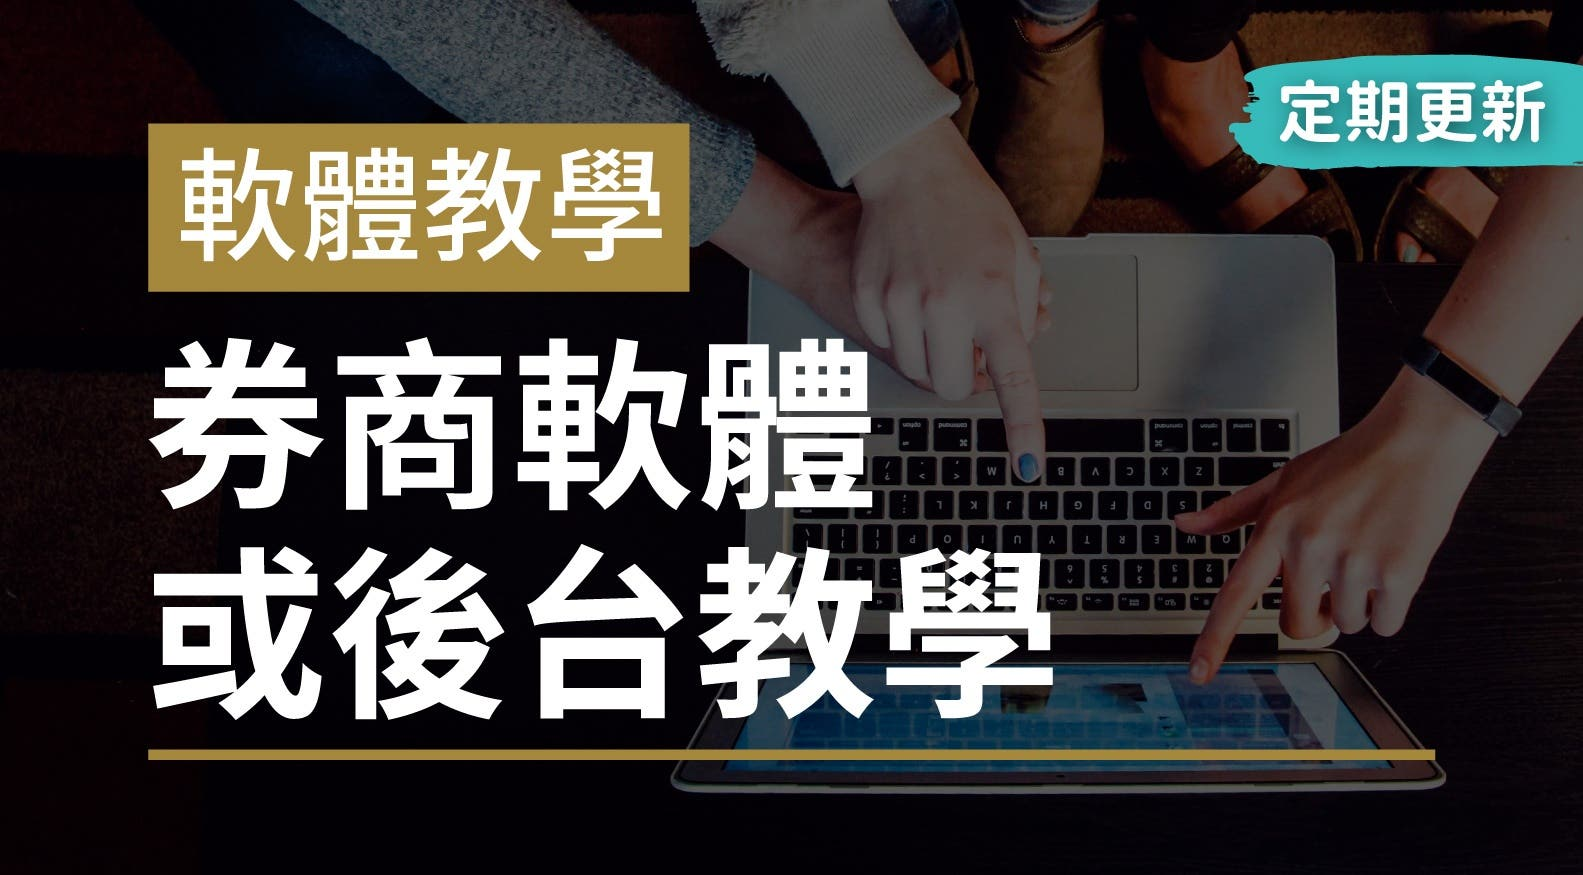 3.【軟體教學】開戶完來看- 券商軟體或後台教學 (1h31m16s)